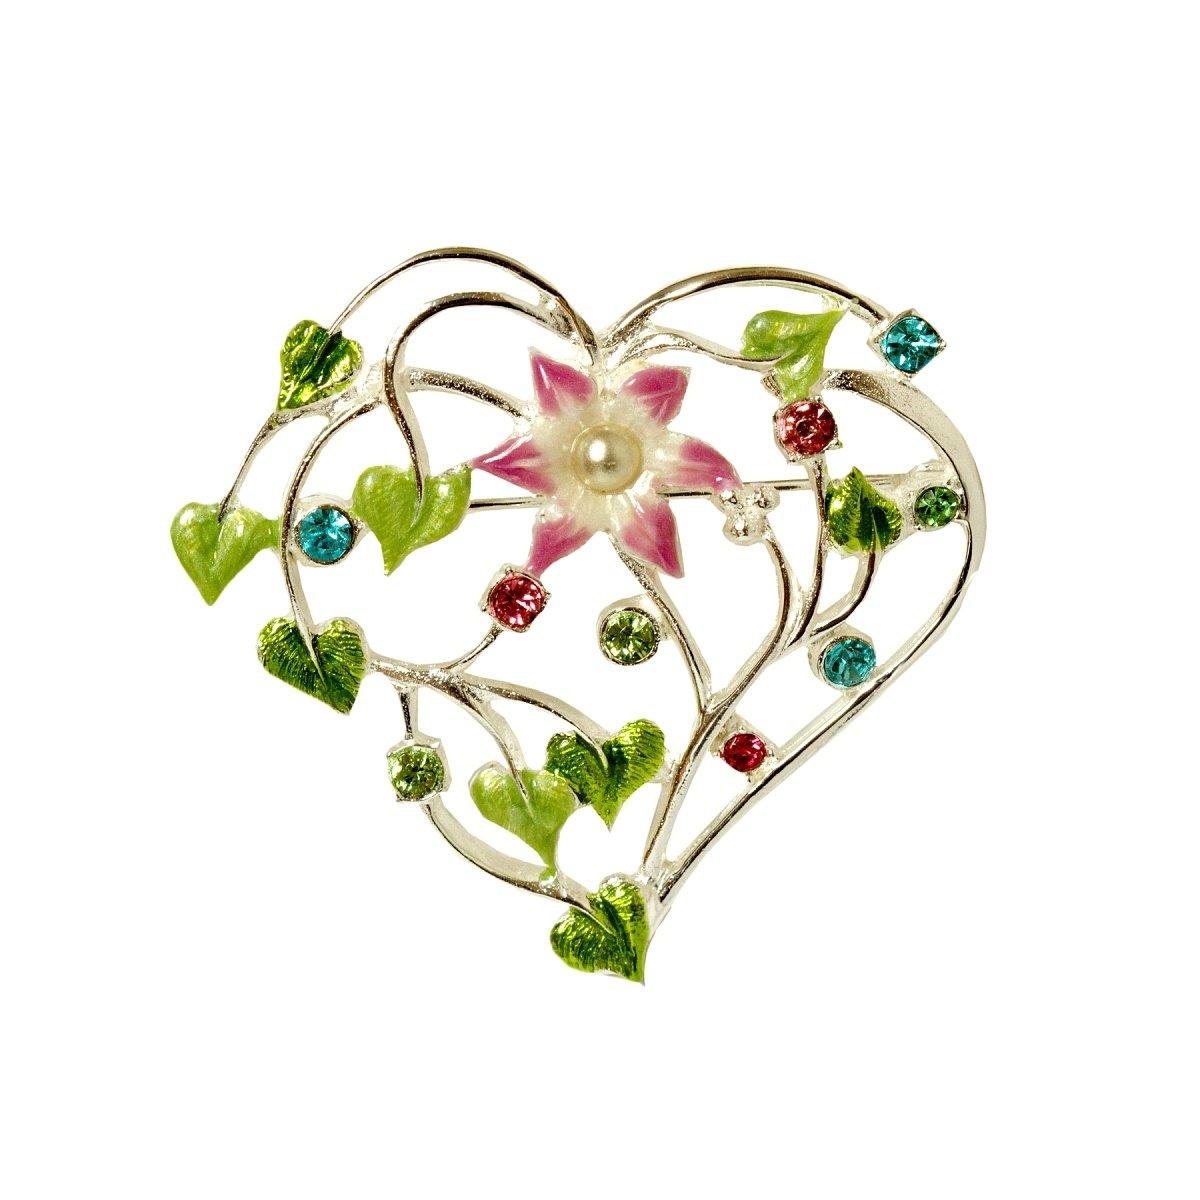 Bijou Art Brosche-Damen Herz Floral Emaille Kristalle Pastellfarben Anstecknadel Versilbert Filigran Bijou and Art München